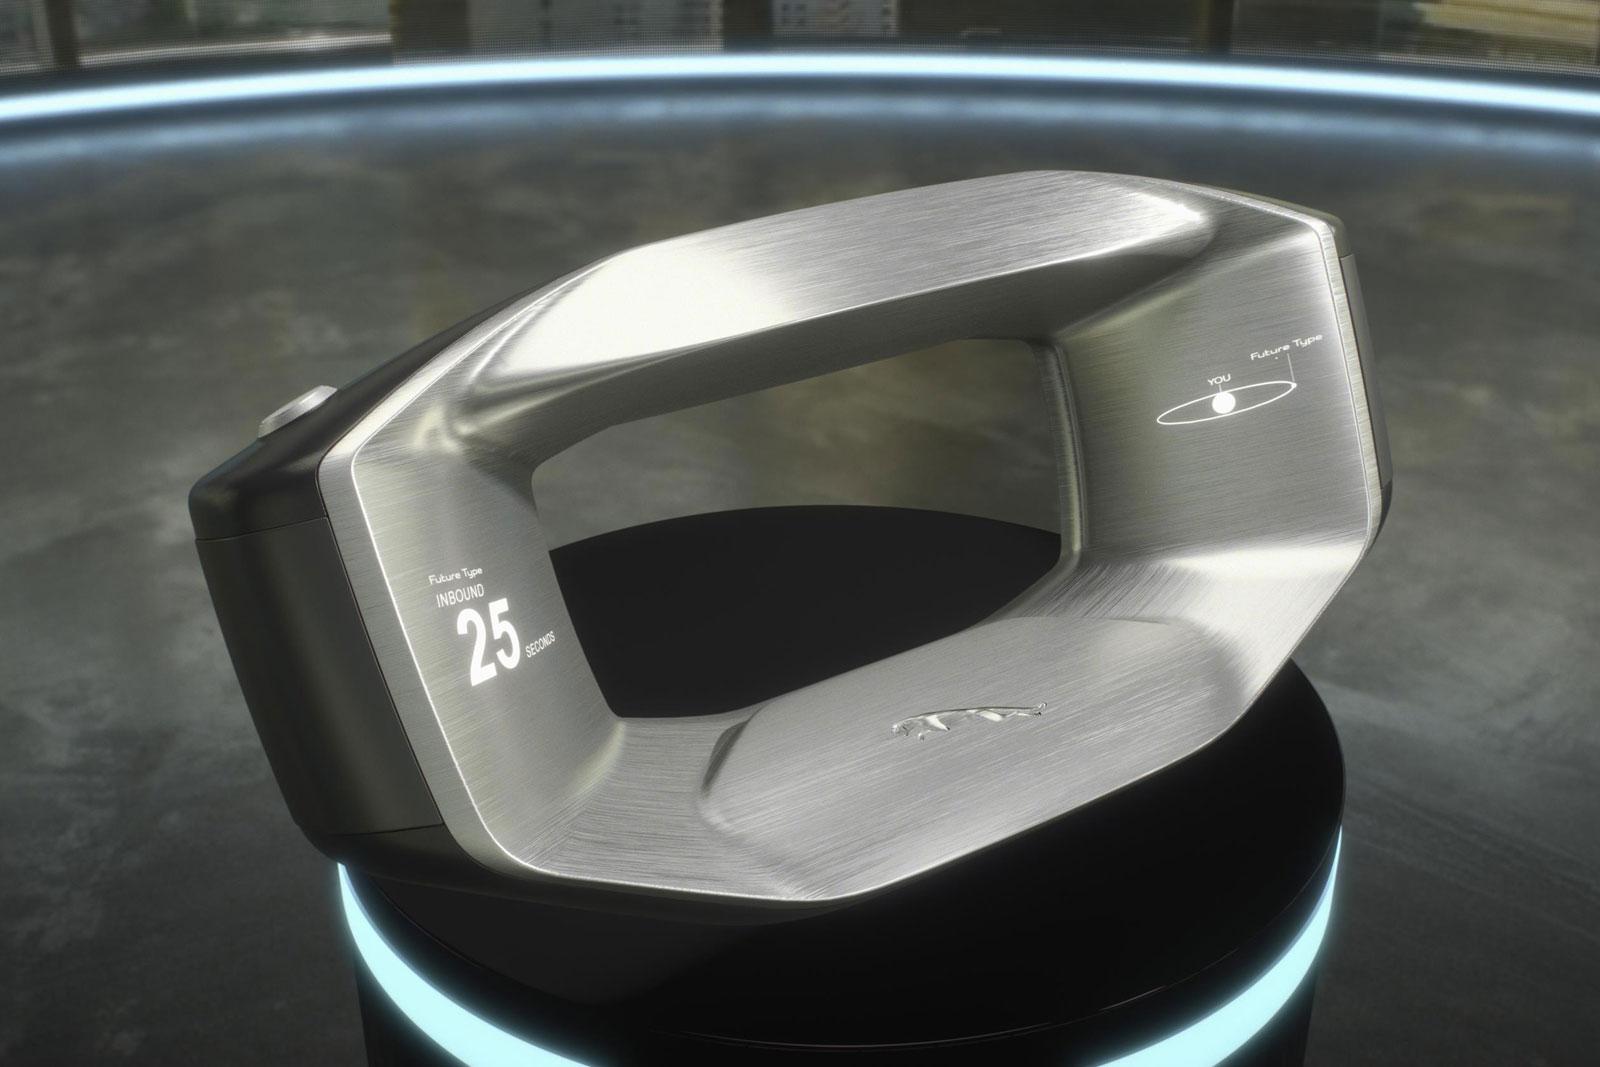 Así es el volante del futuro que Jaguar planea para coches autónomos